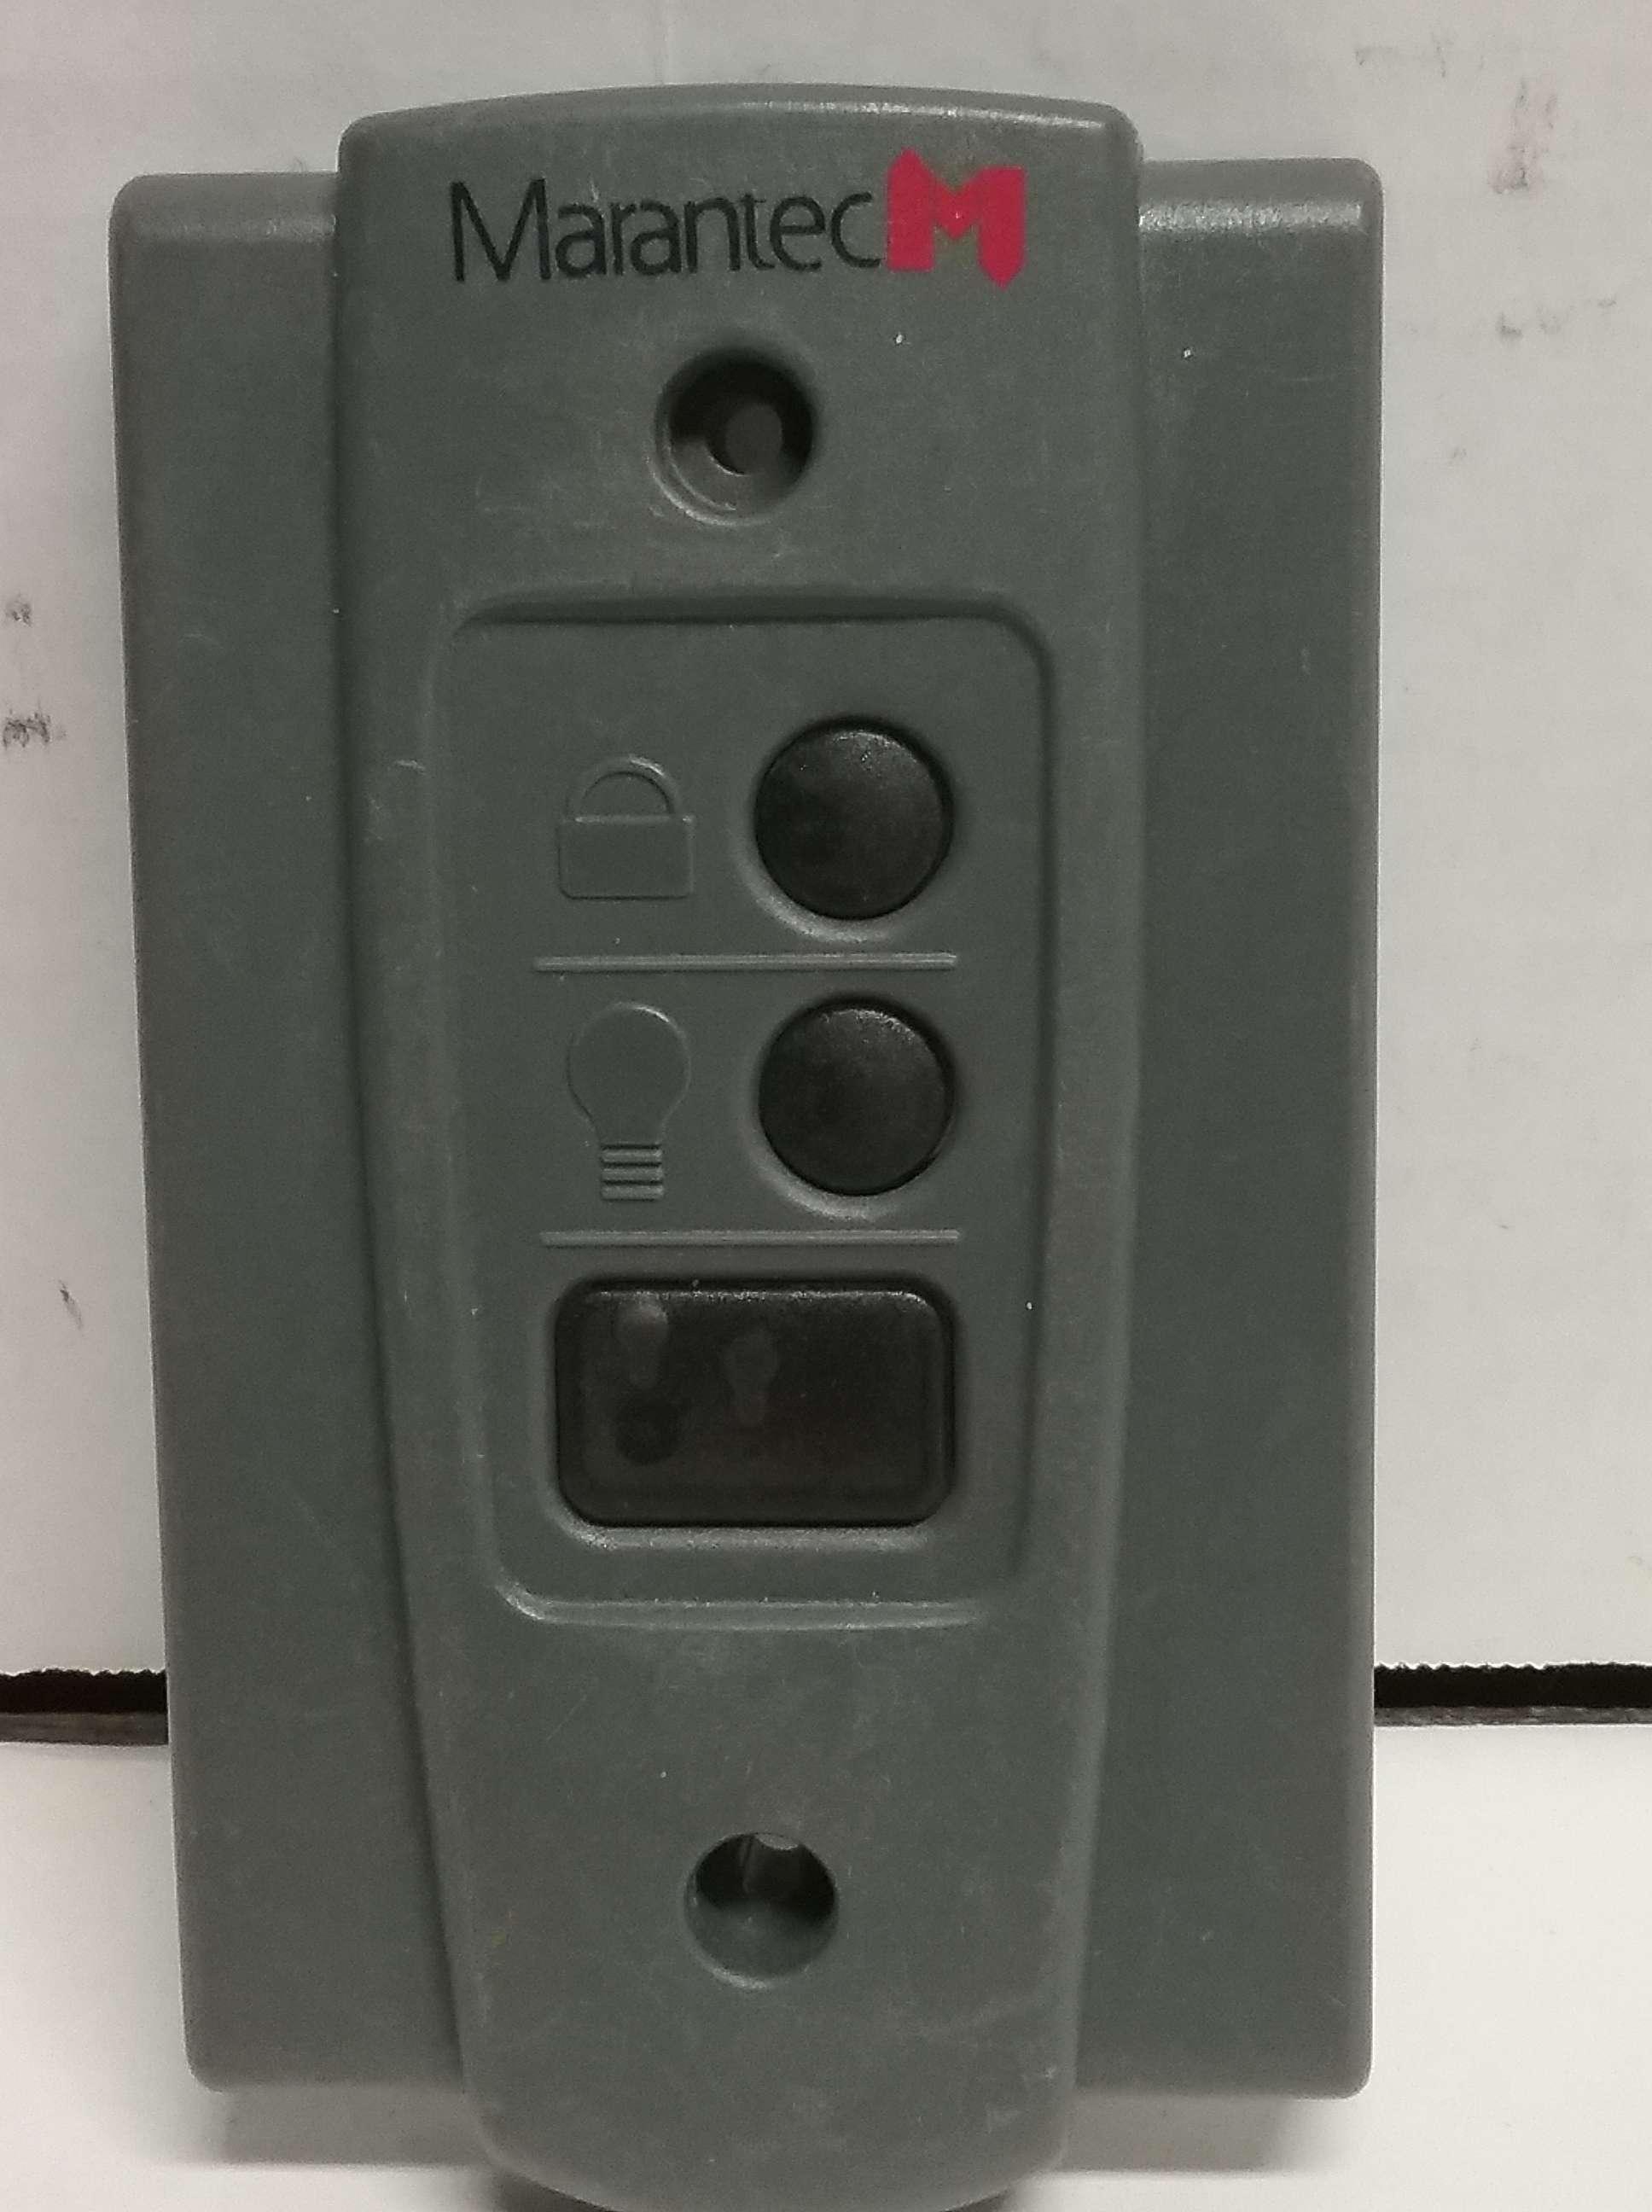 Marantec Interior Hard Wired Garage Door Opener Control